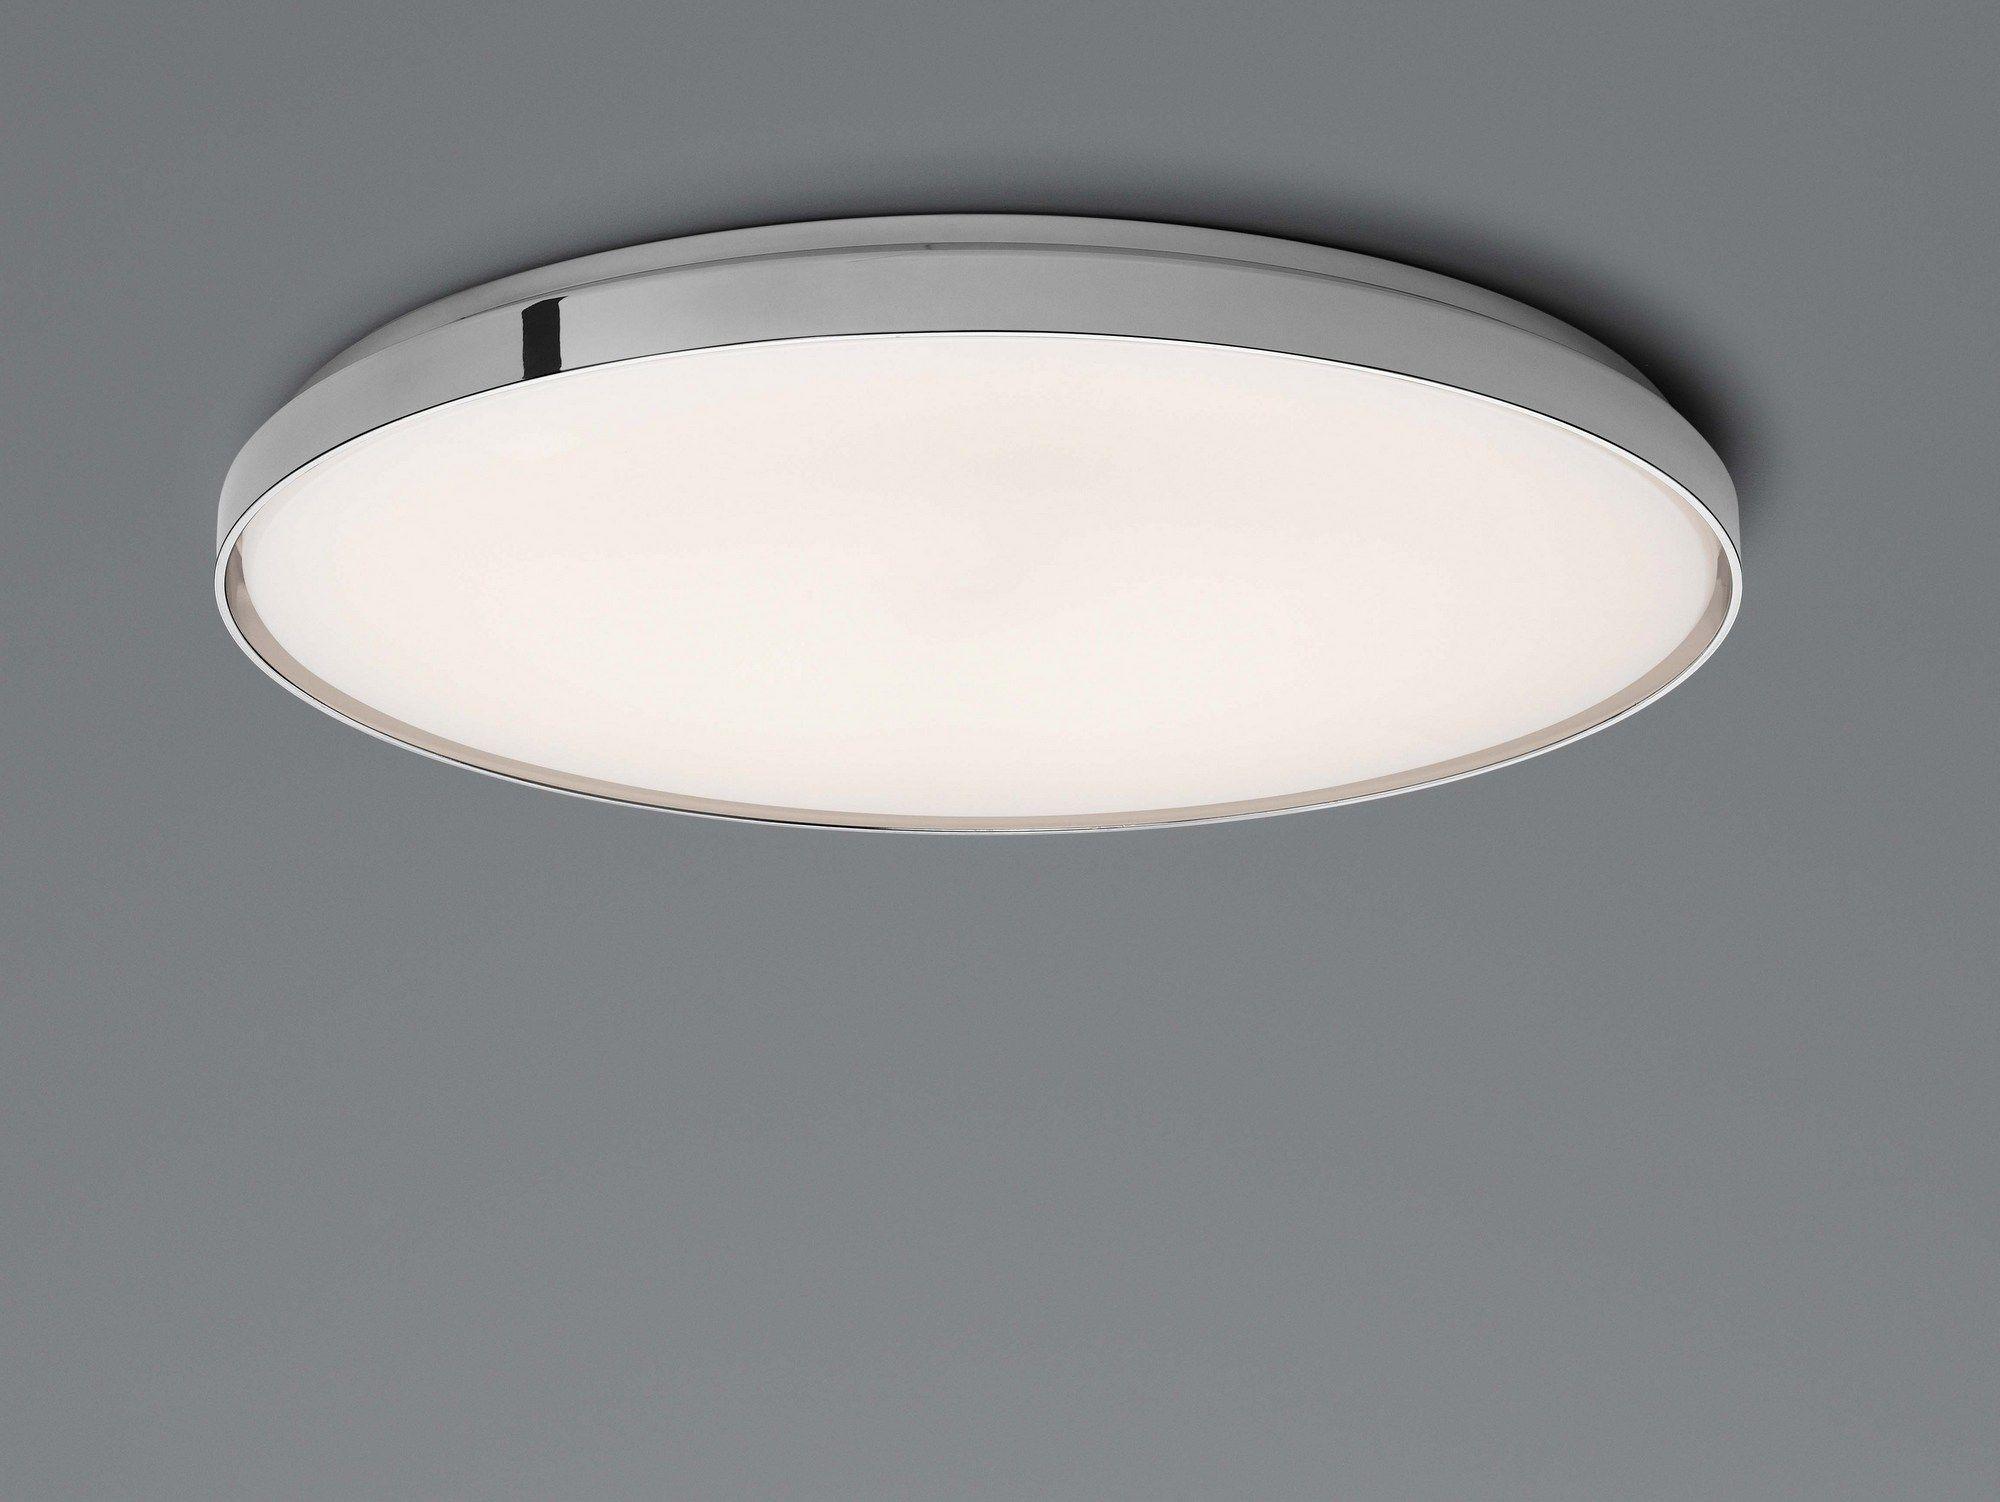 Clara Lampada Da Soffitto By Flos Design Piero Lissoni Nel 2020 Lampade Da Soffitto Illuminazione Soffitto Luci A Sospensione